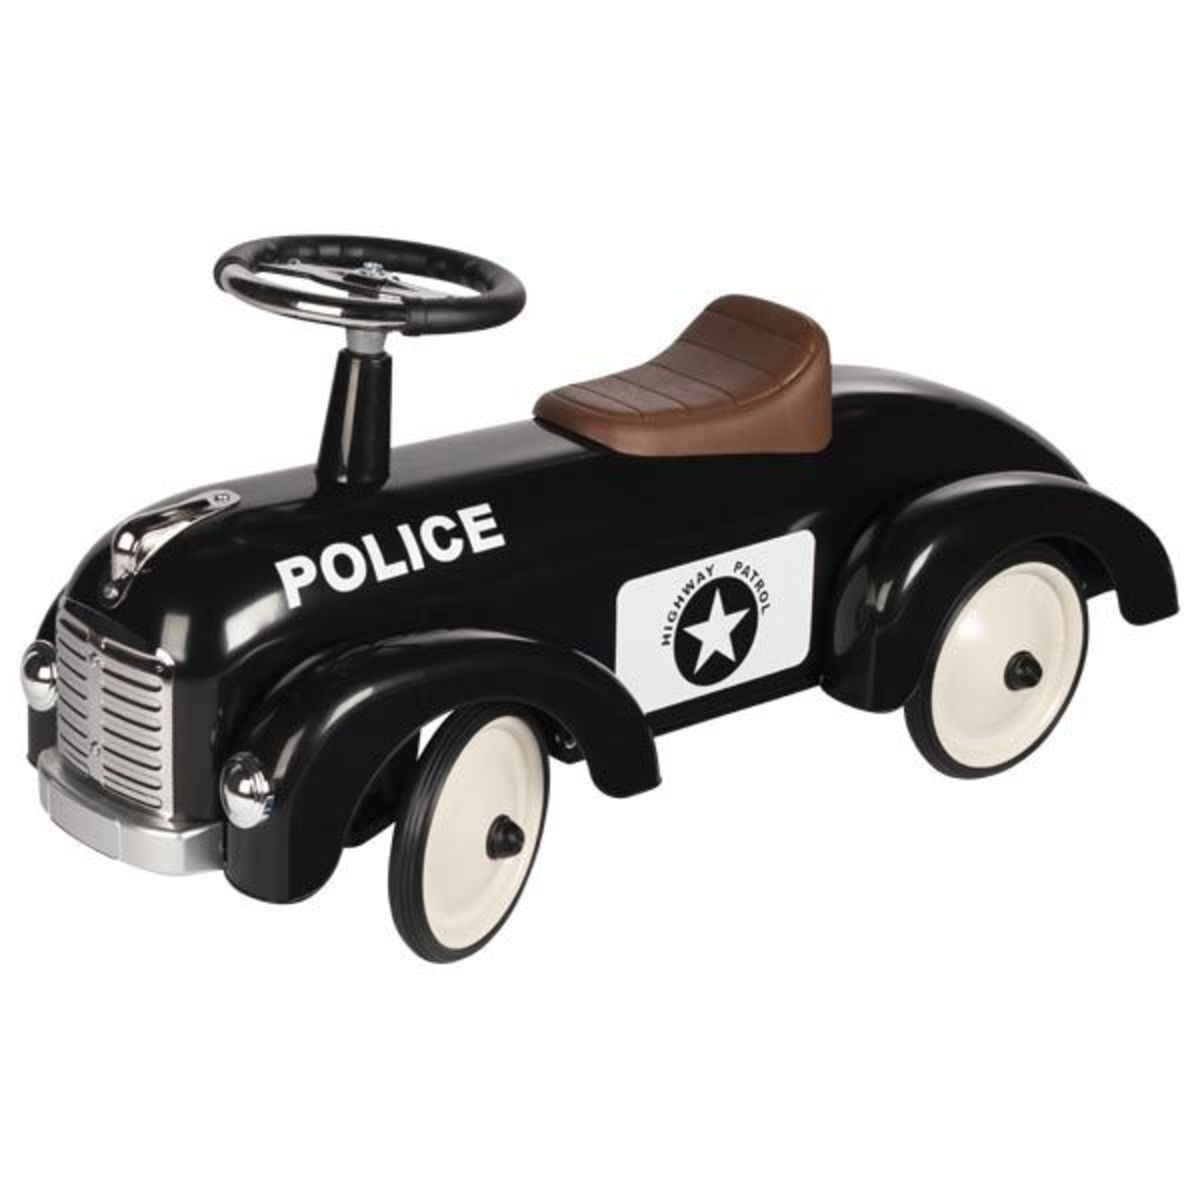 Detské kovové odrážadlo - polícia ride-on car